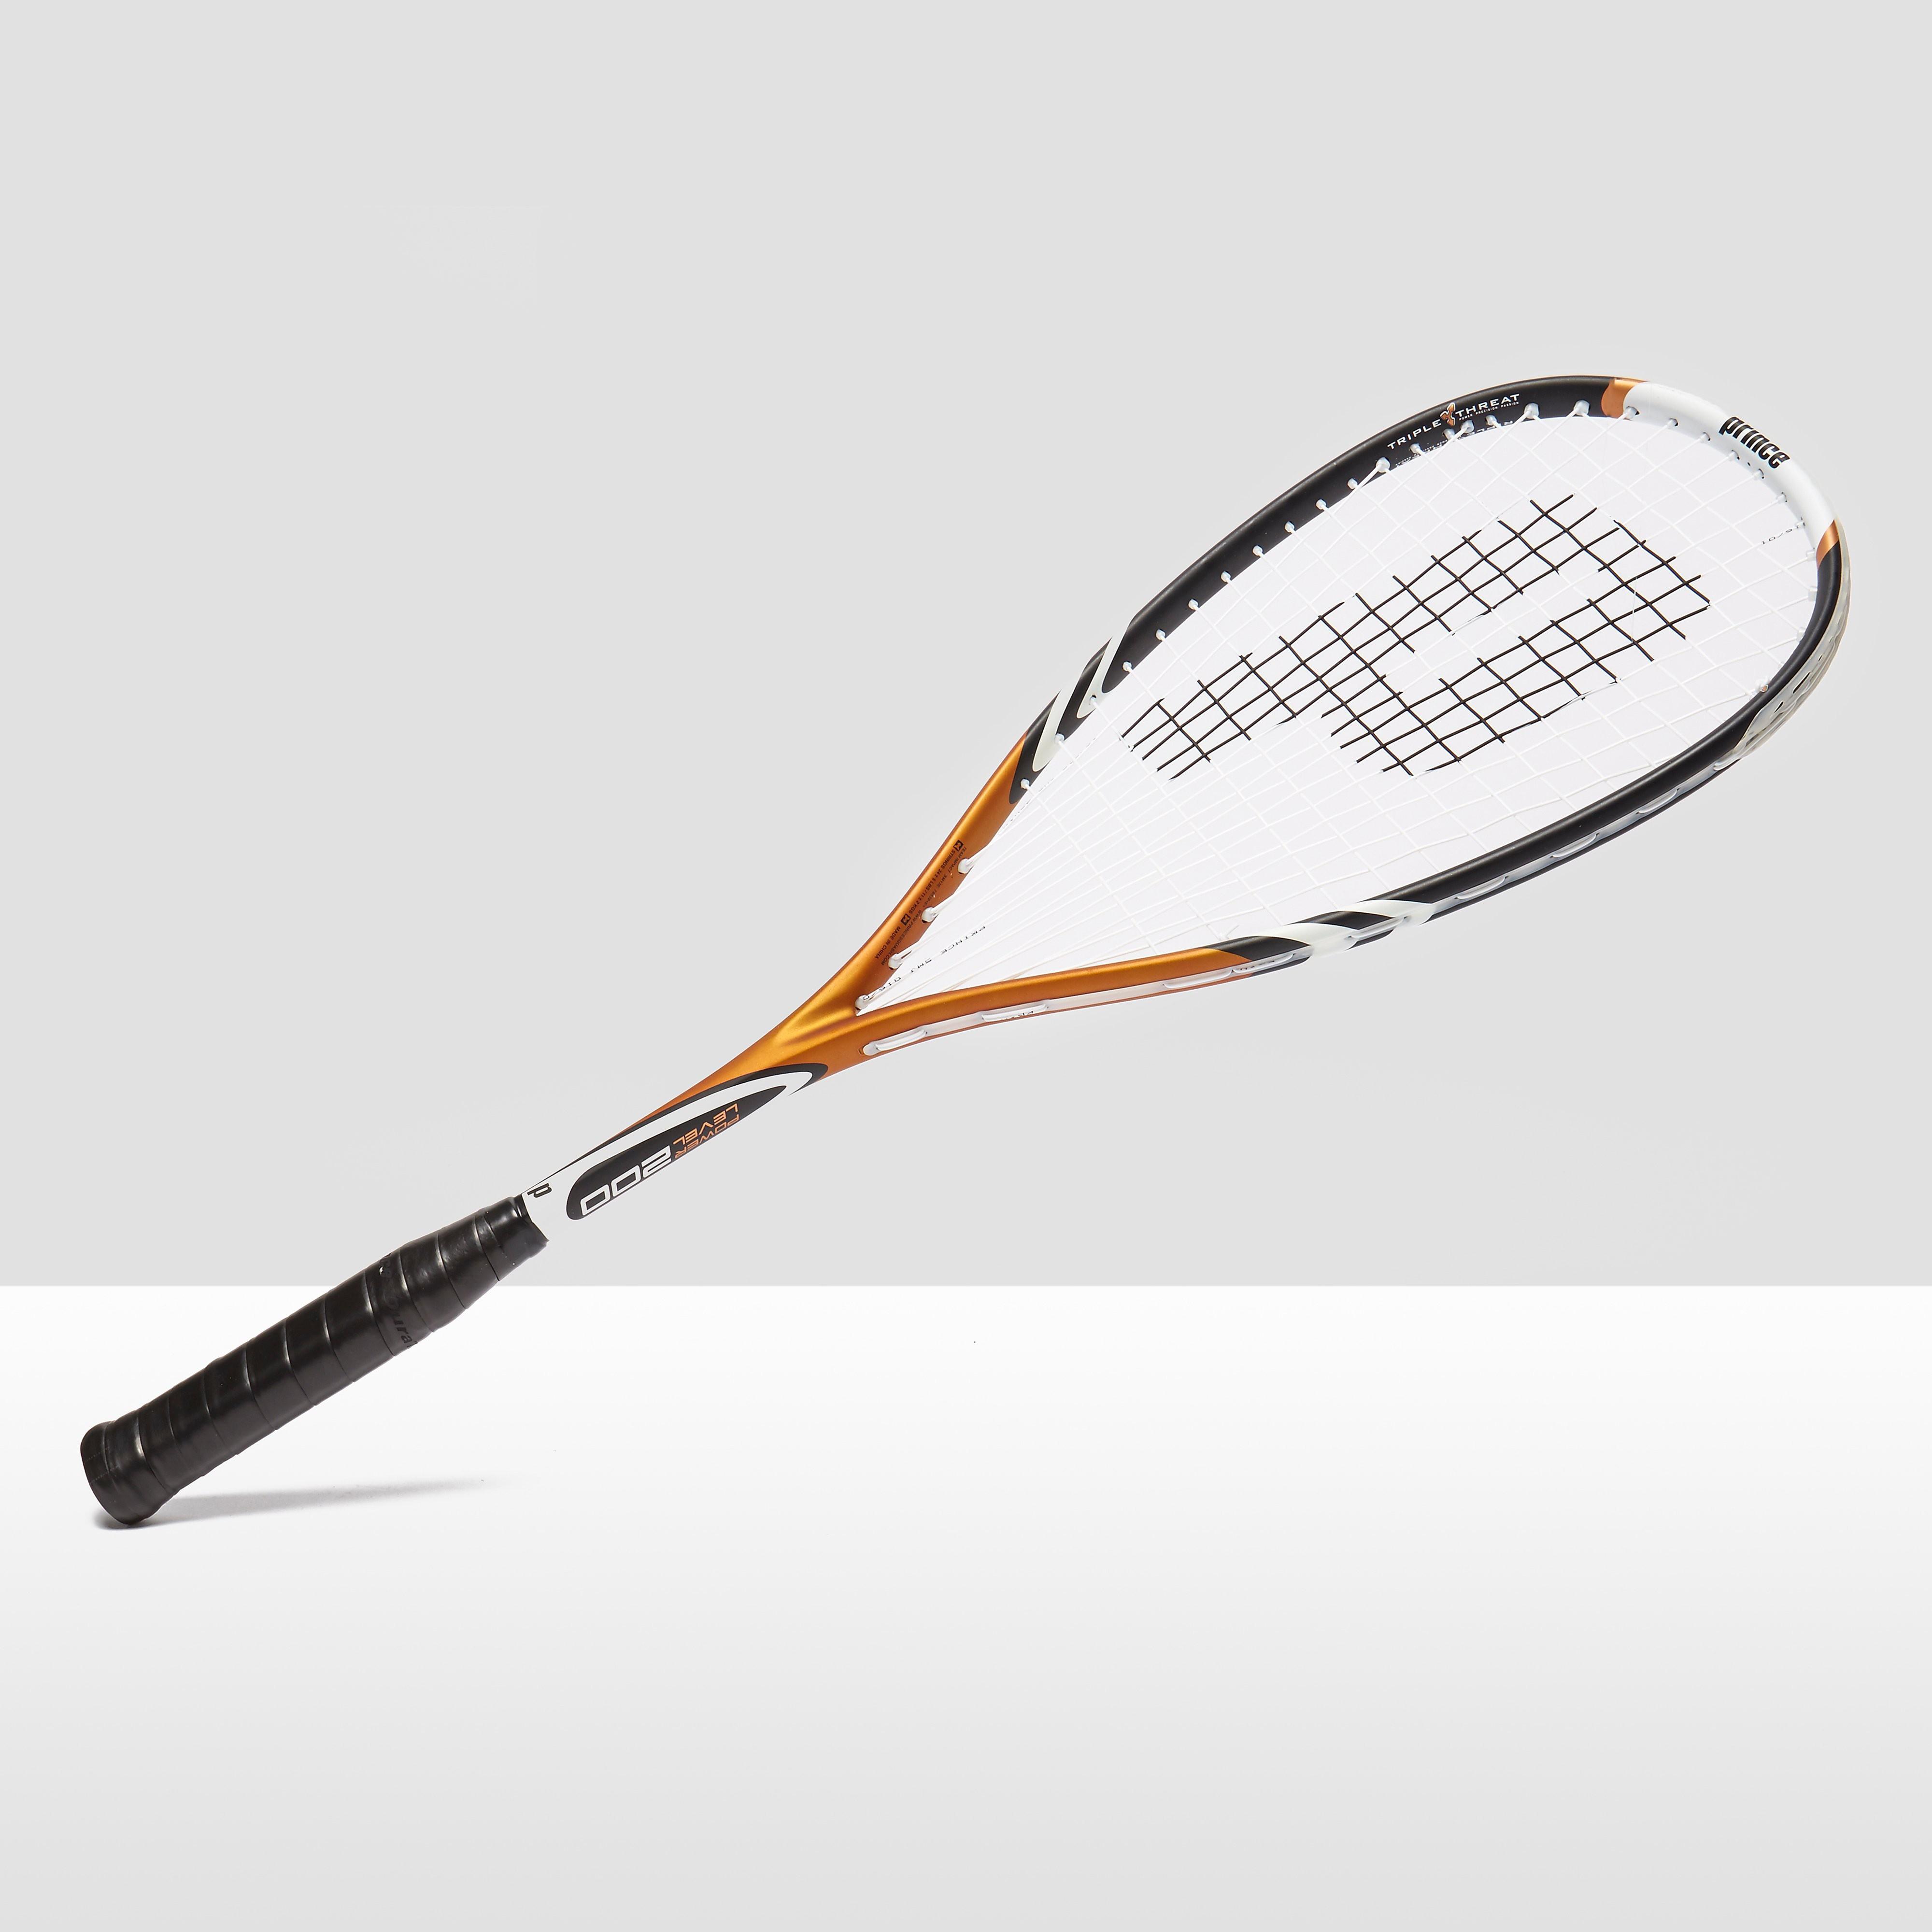 Prince Team Impact 200 Squash Racket